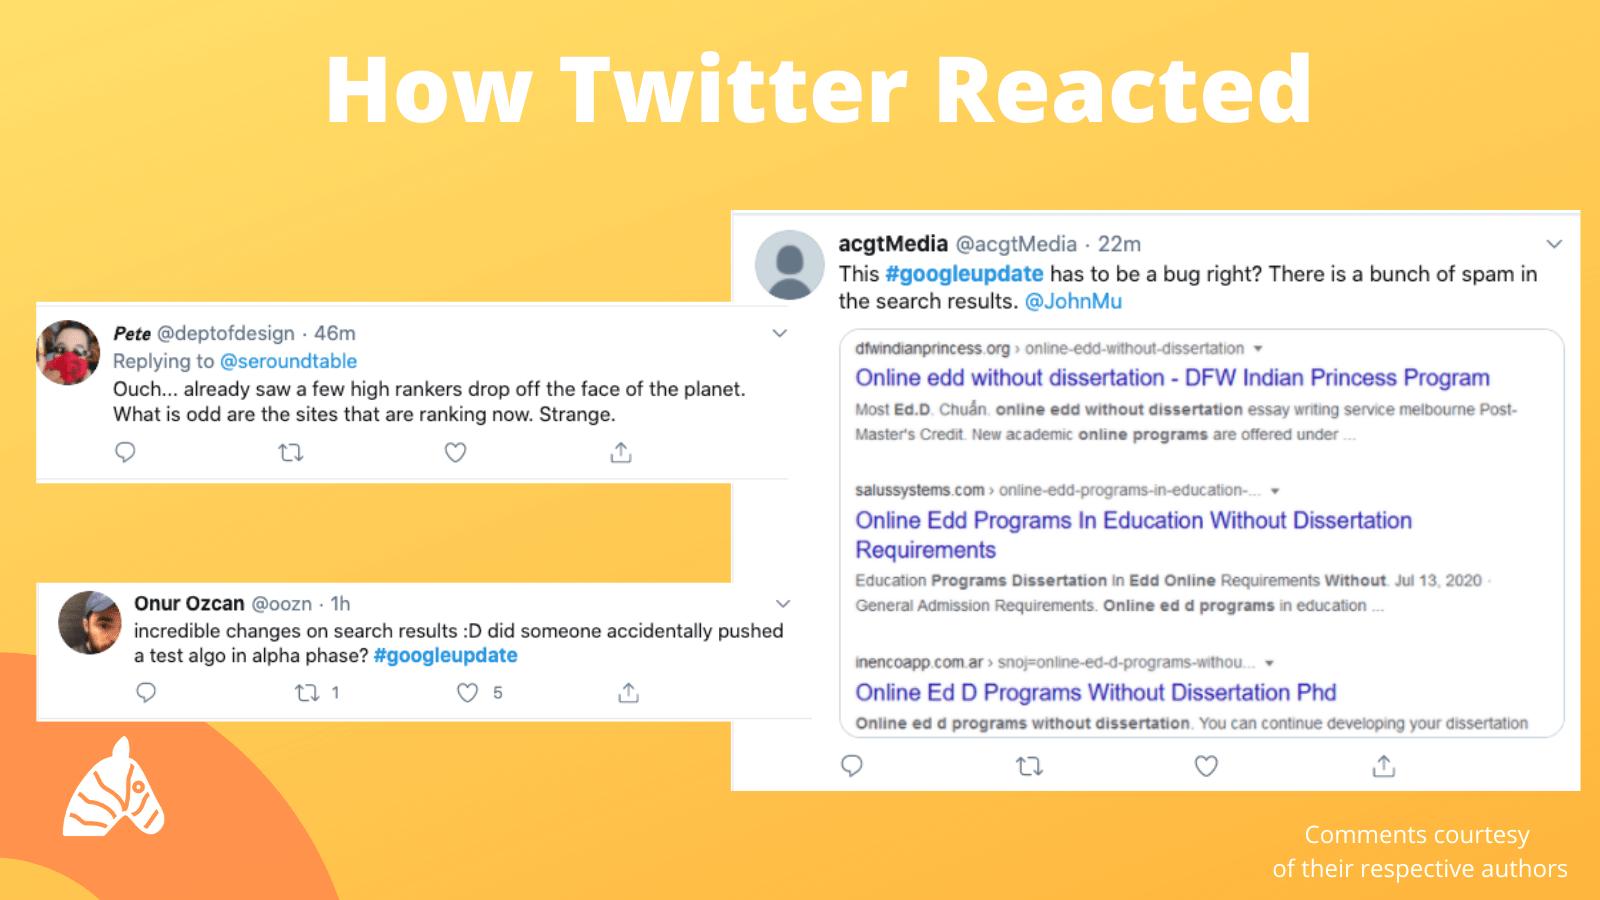 Các Tweet khác về sự kì lạ của đợt cập nhật